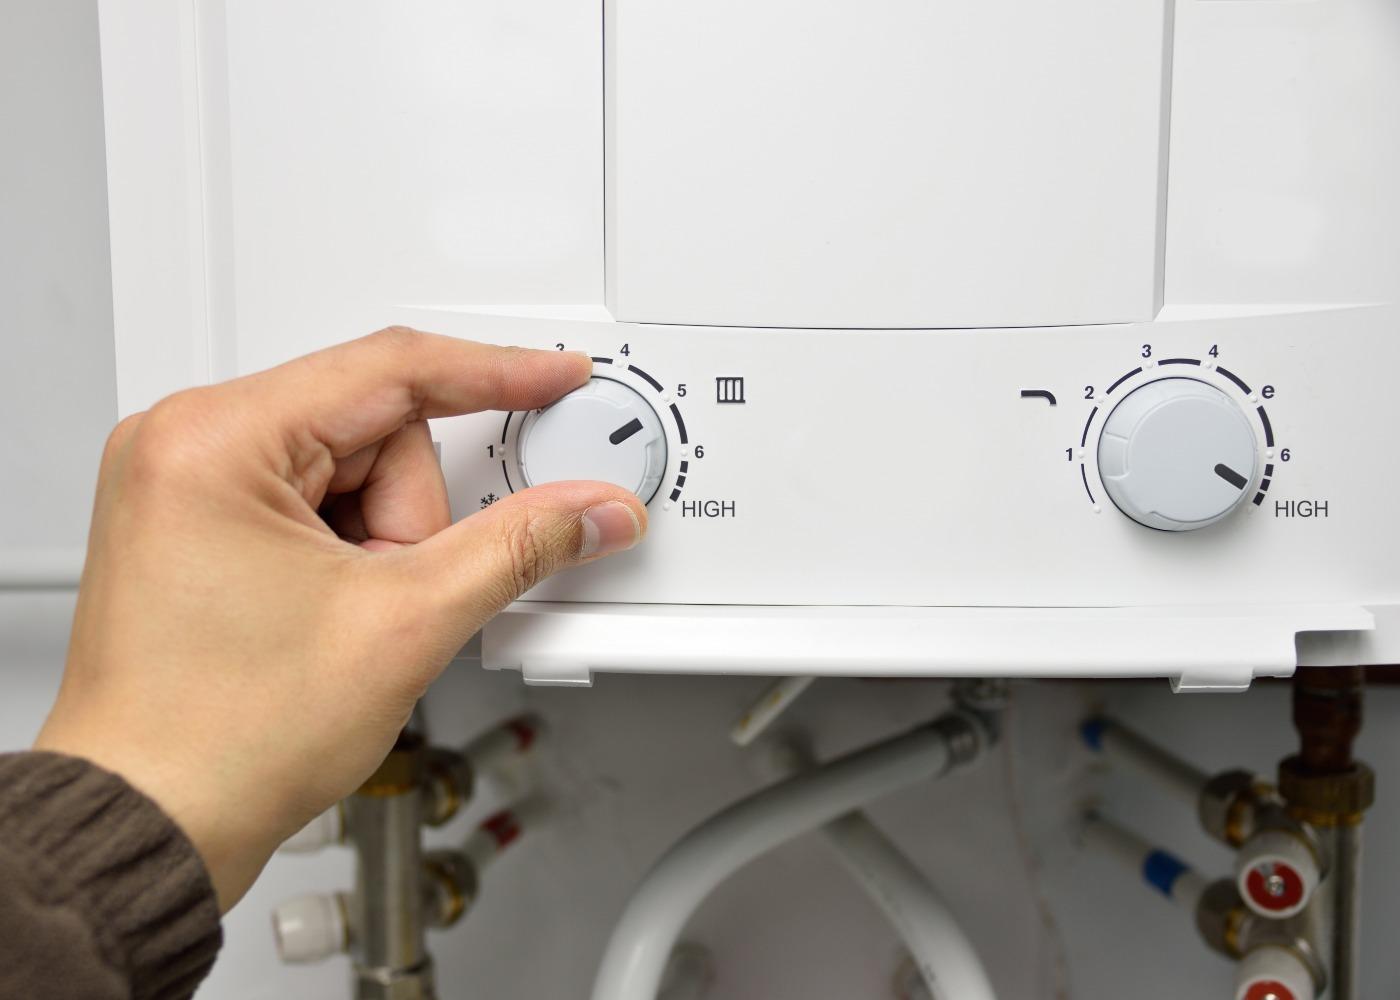 pessoa a regular água quente no esquentador